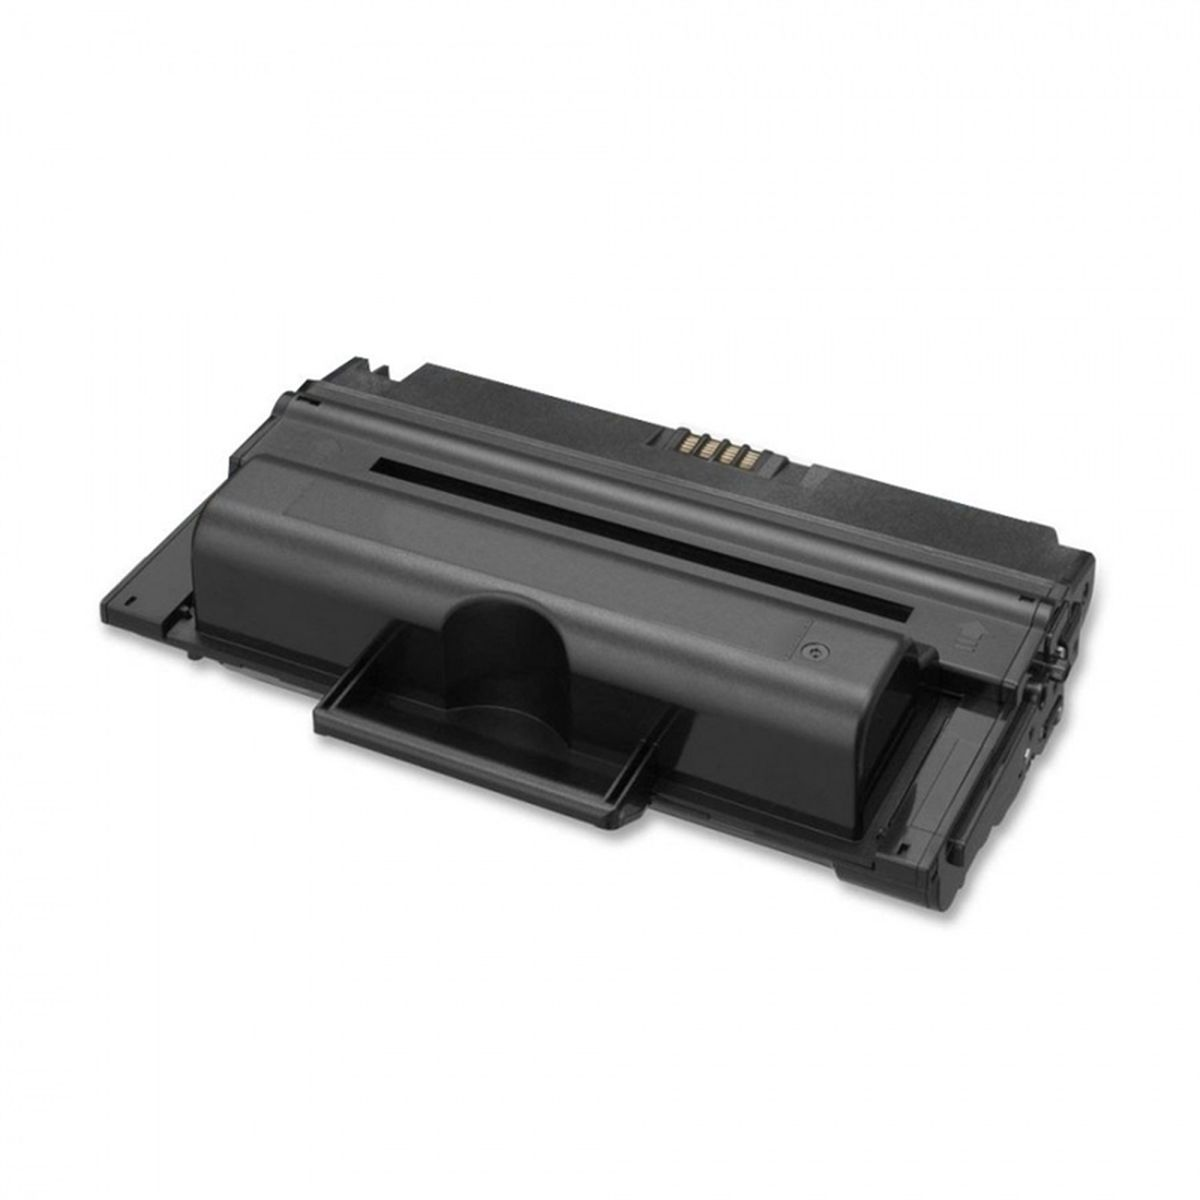 TONER SAMSUNG D208L 10K - (SCX5635/5835) - COMP